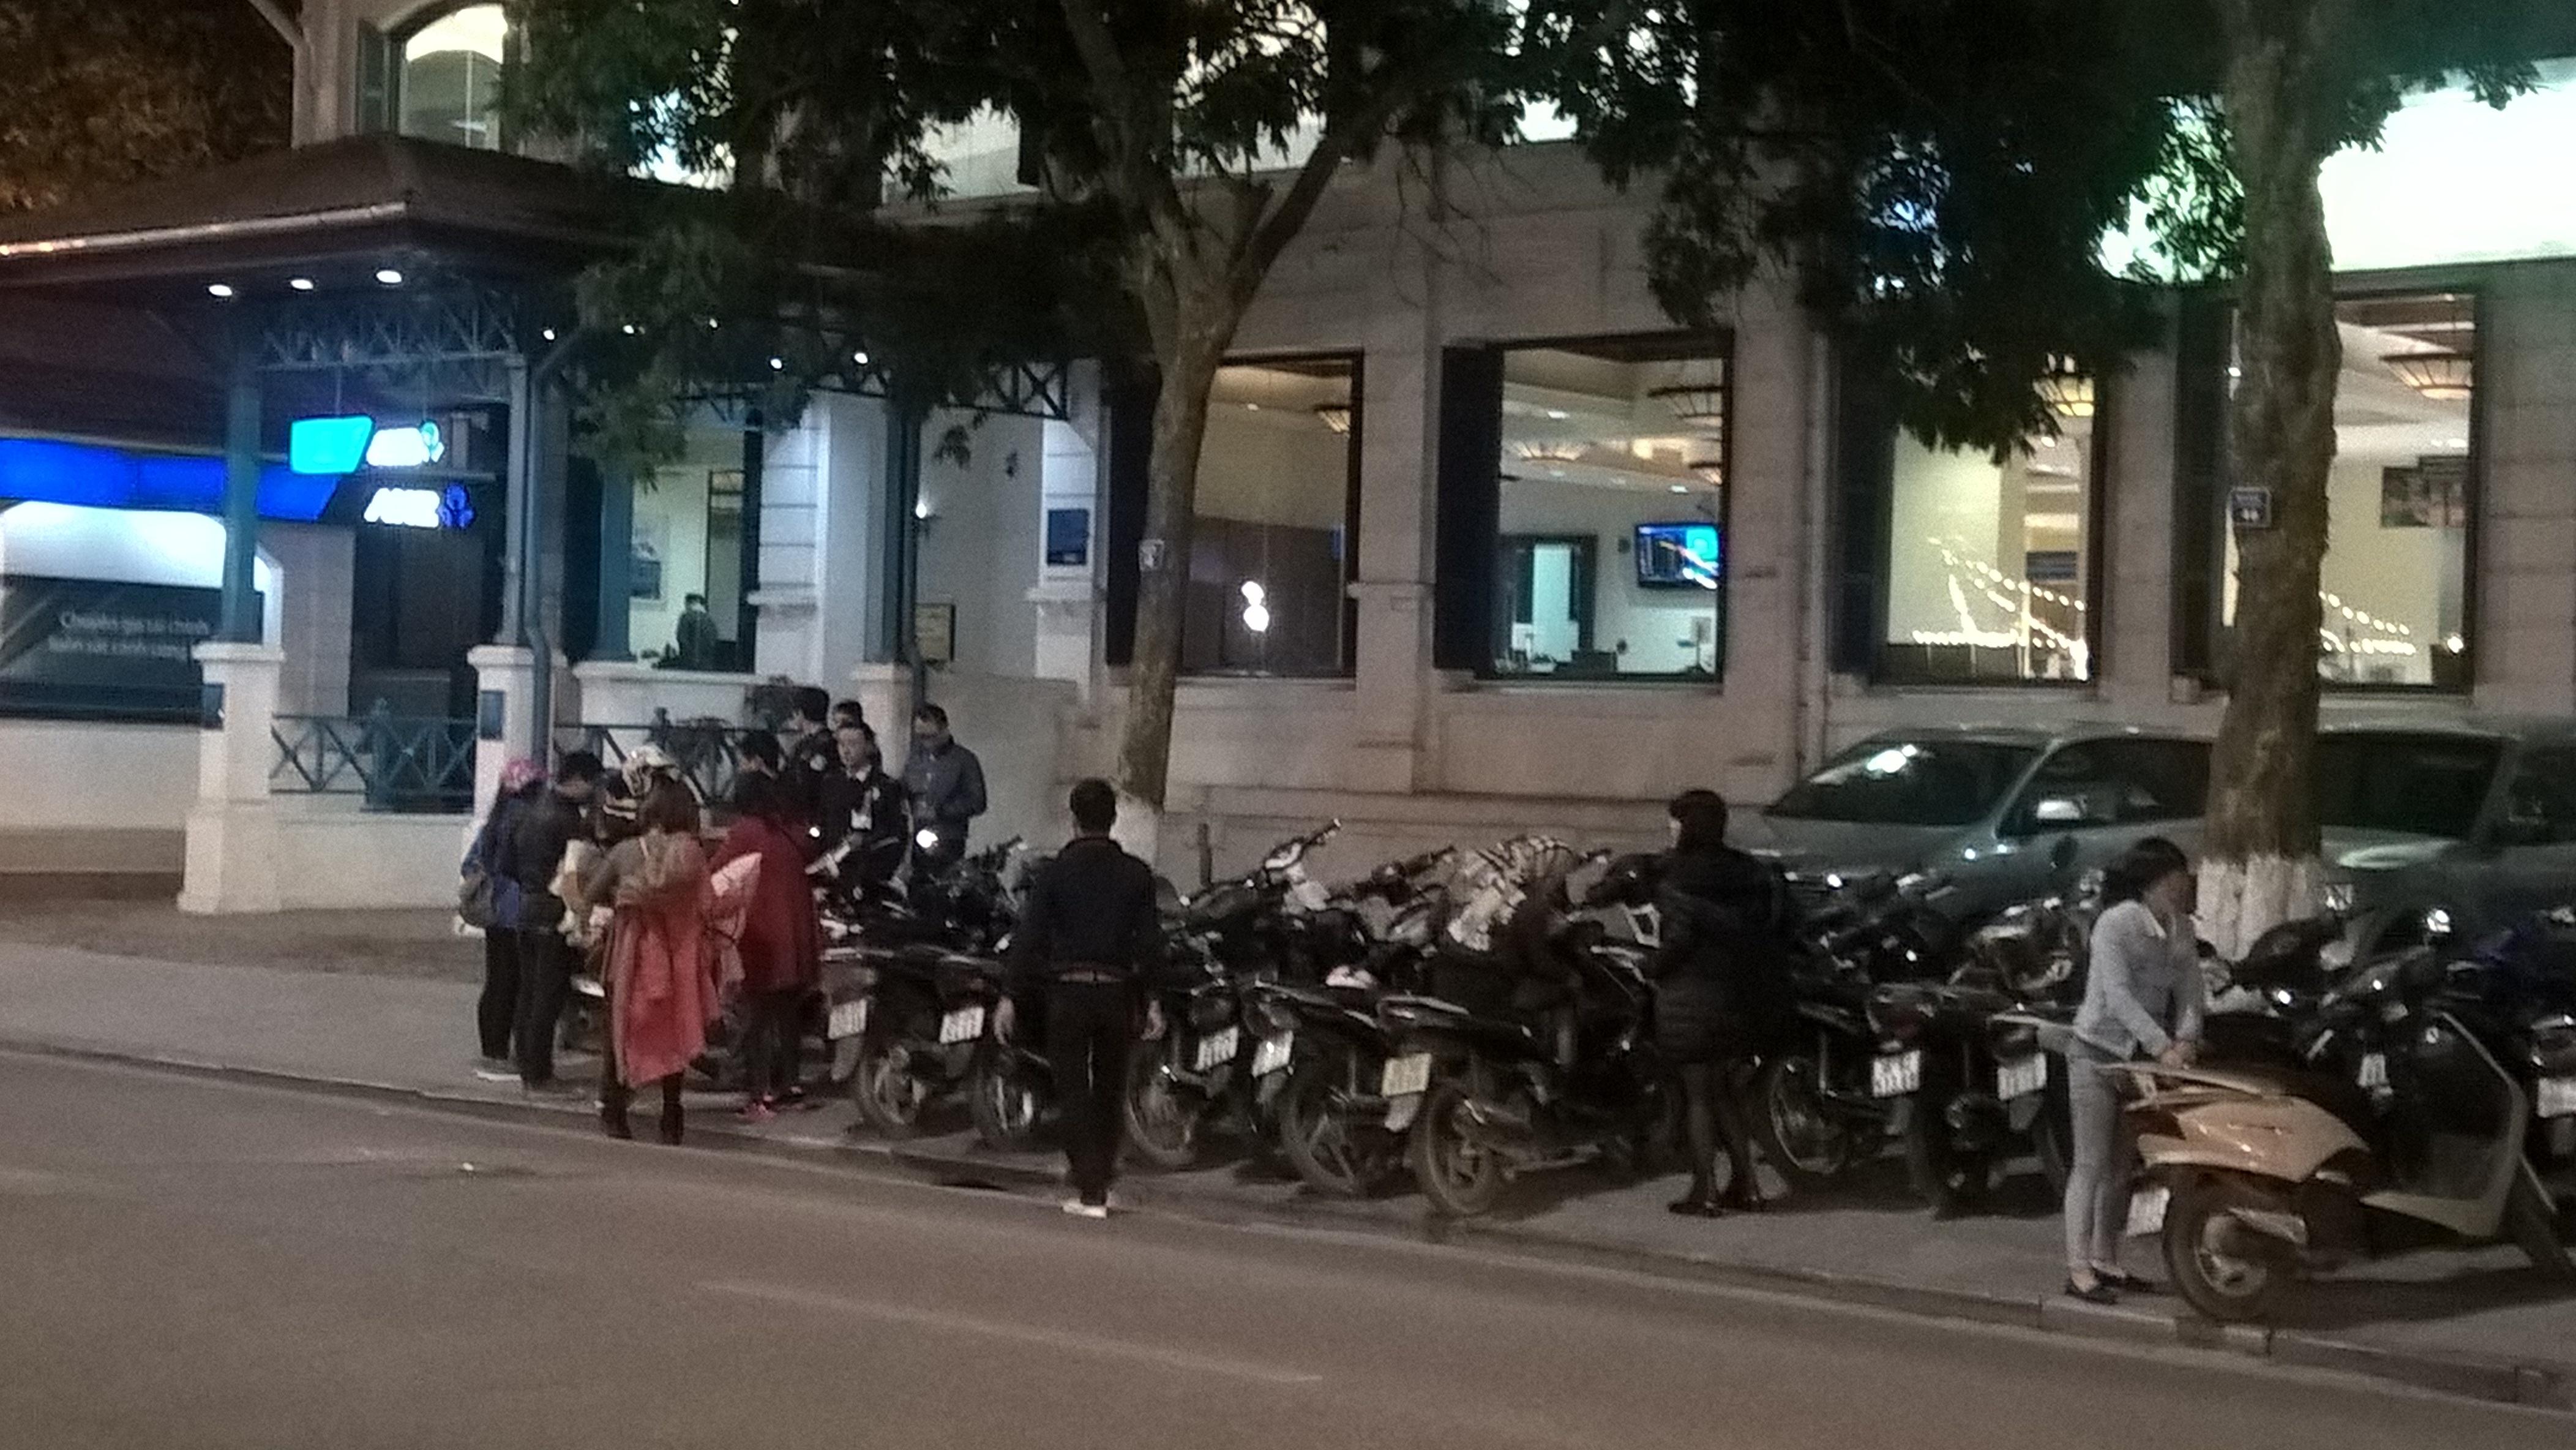 Vỉa hè trước nhà hàng và khách sạn hạng sang cũng bị lấn chiếm làm bãi gửi xe